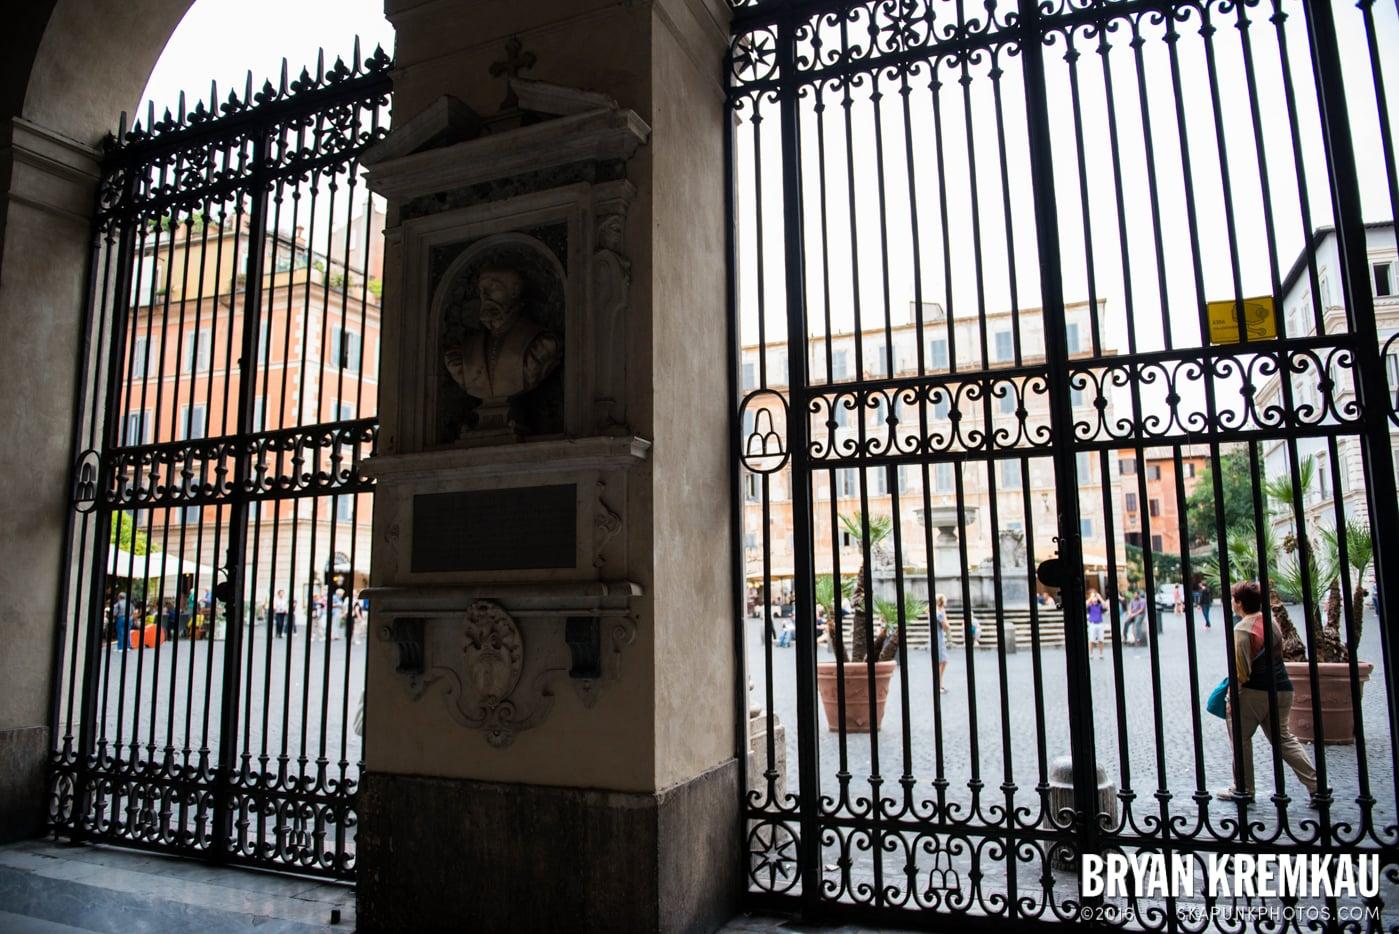 Italy Vacation - Day 2: Rome - 9.10.13 (30)